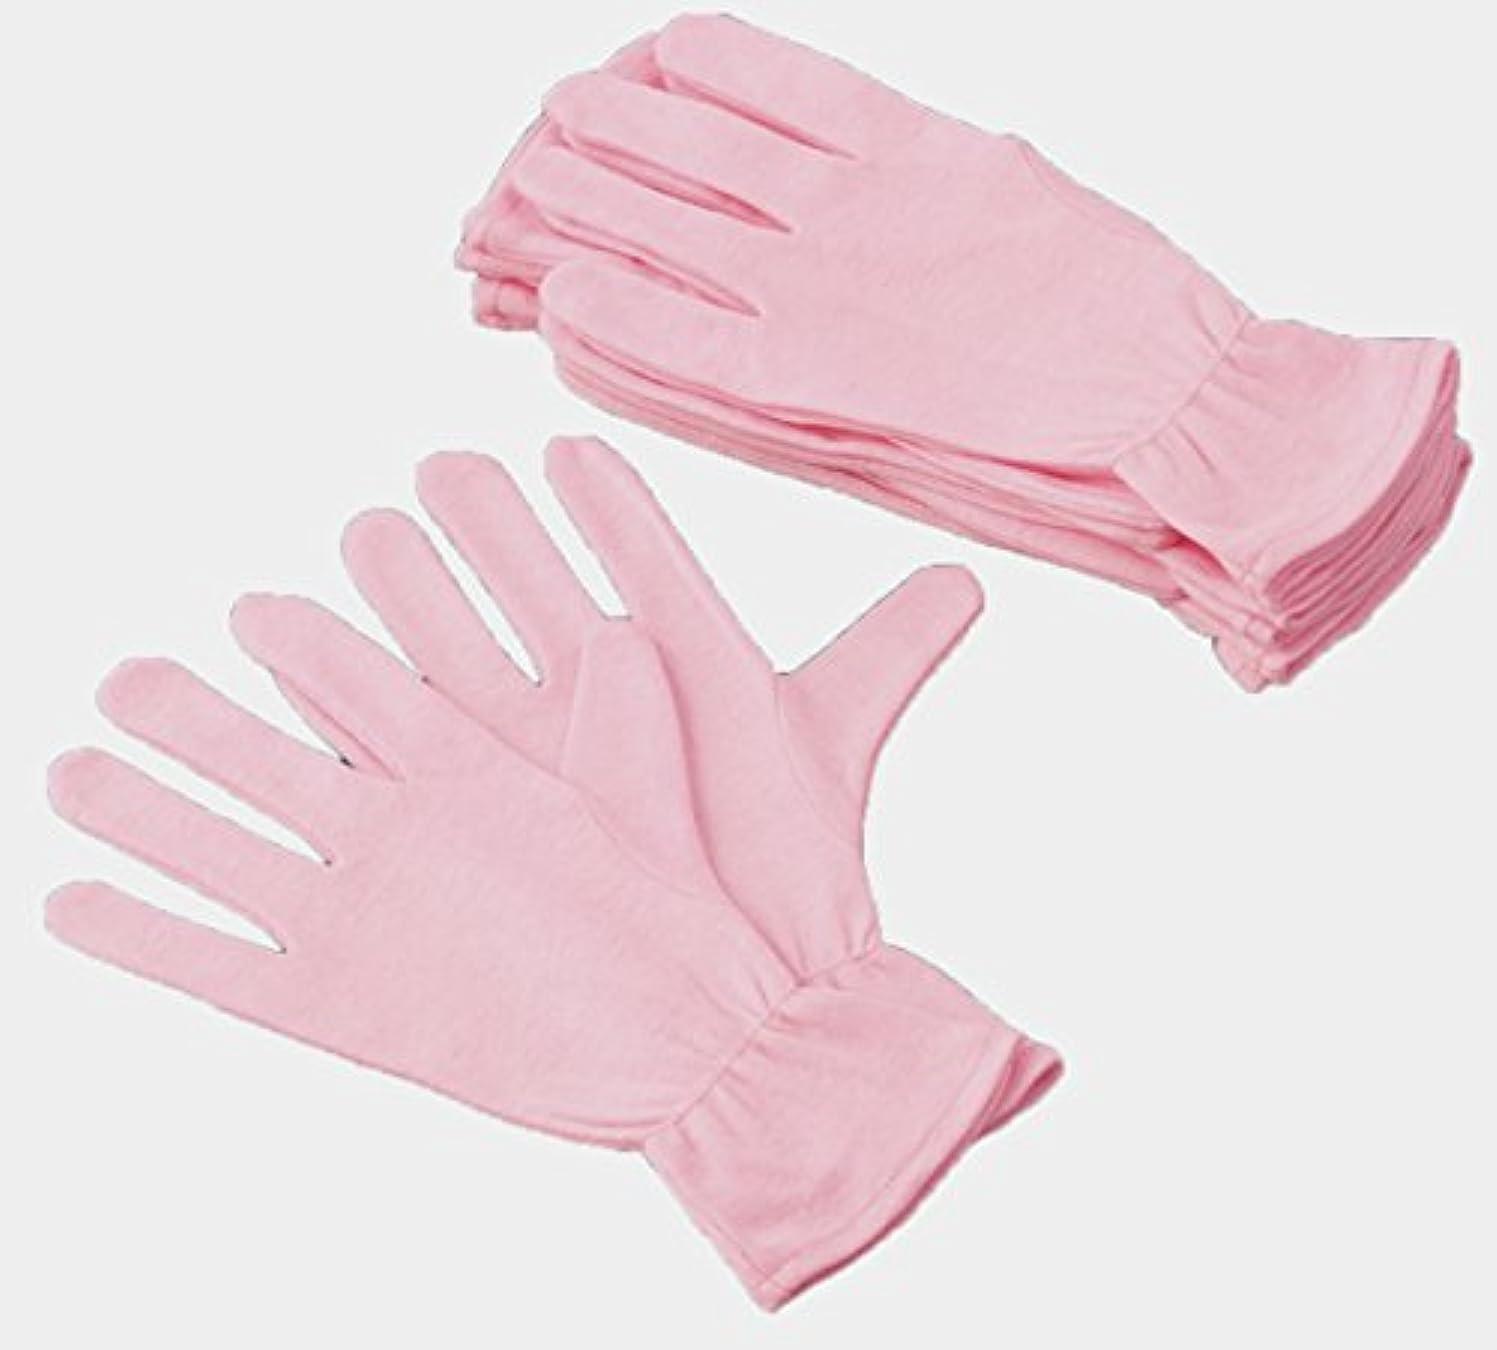 九時四十五分装備するエクスタシー綿ソフト手袋12枚入